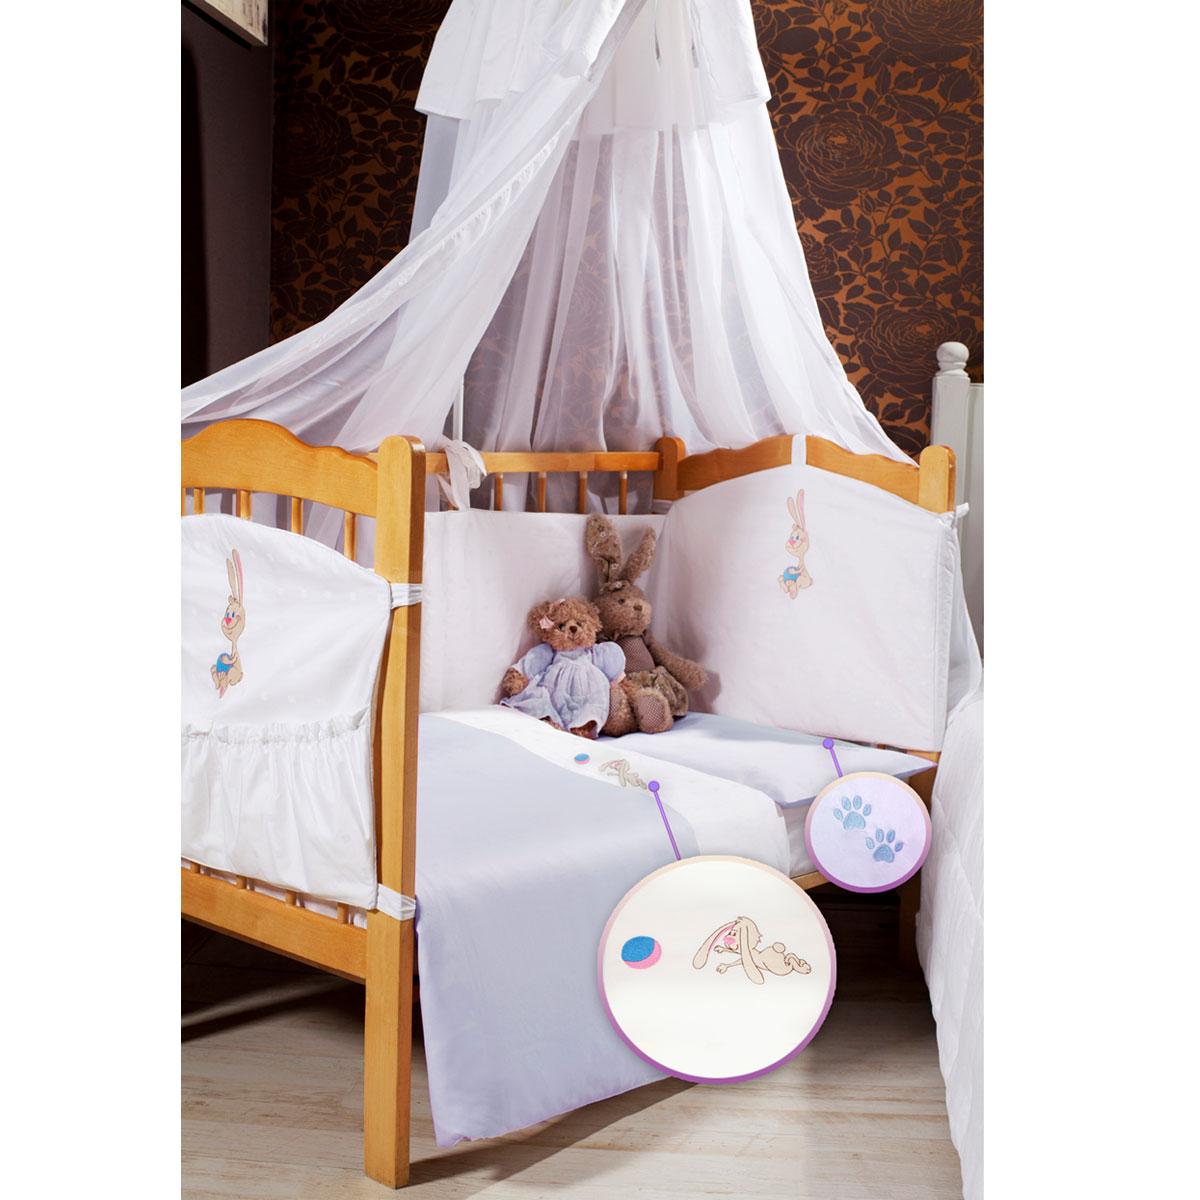 Детское постельное белье Primavelle Lovely Baby (ясельный спальный КПБ, хлопок, наволочка 42х62), цвет: голубой baby safe барьер защитный для кроватки цвет синий 120 х 42 см